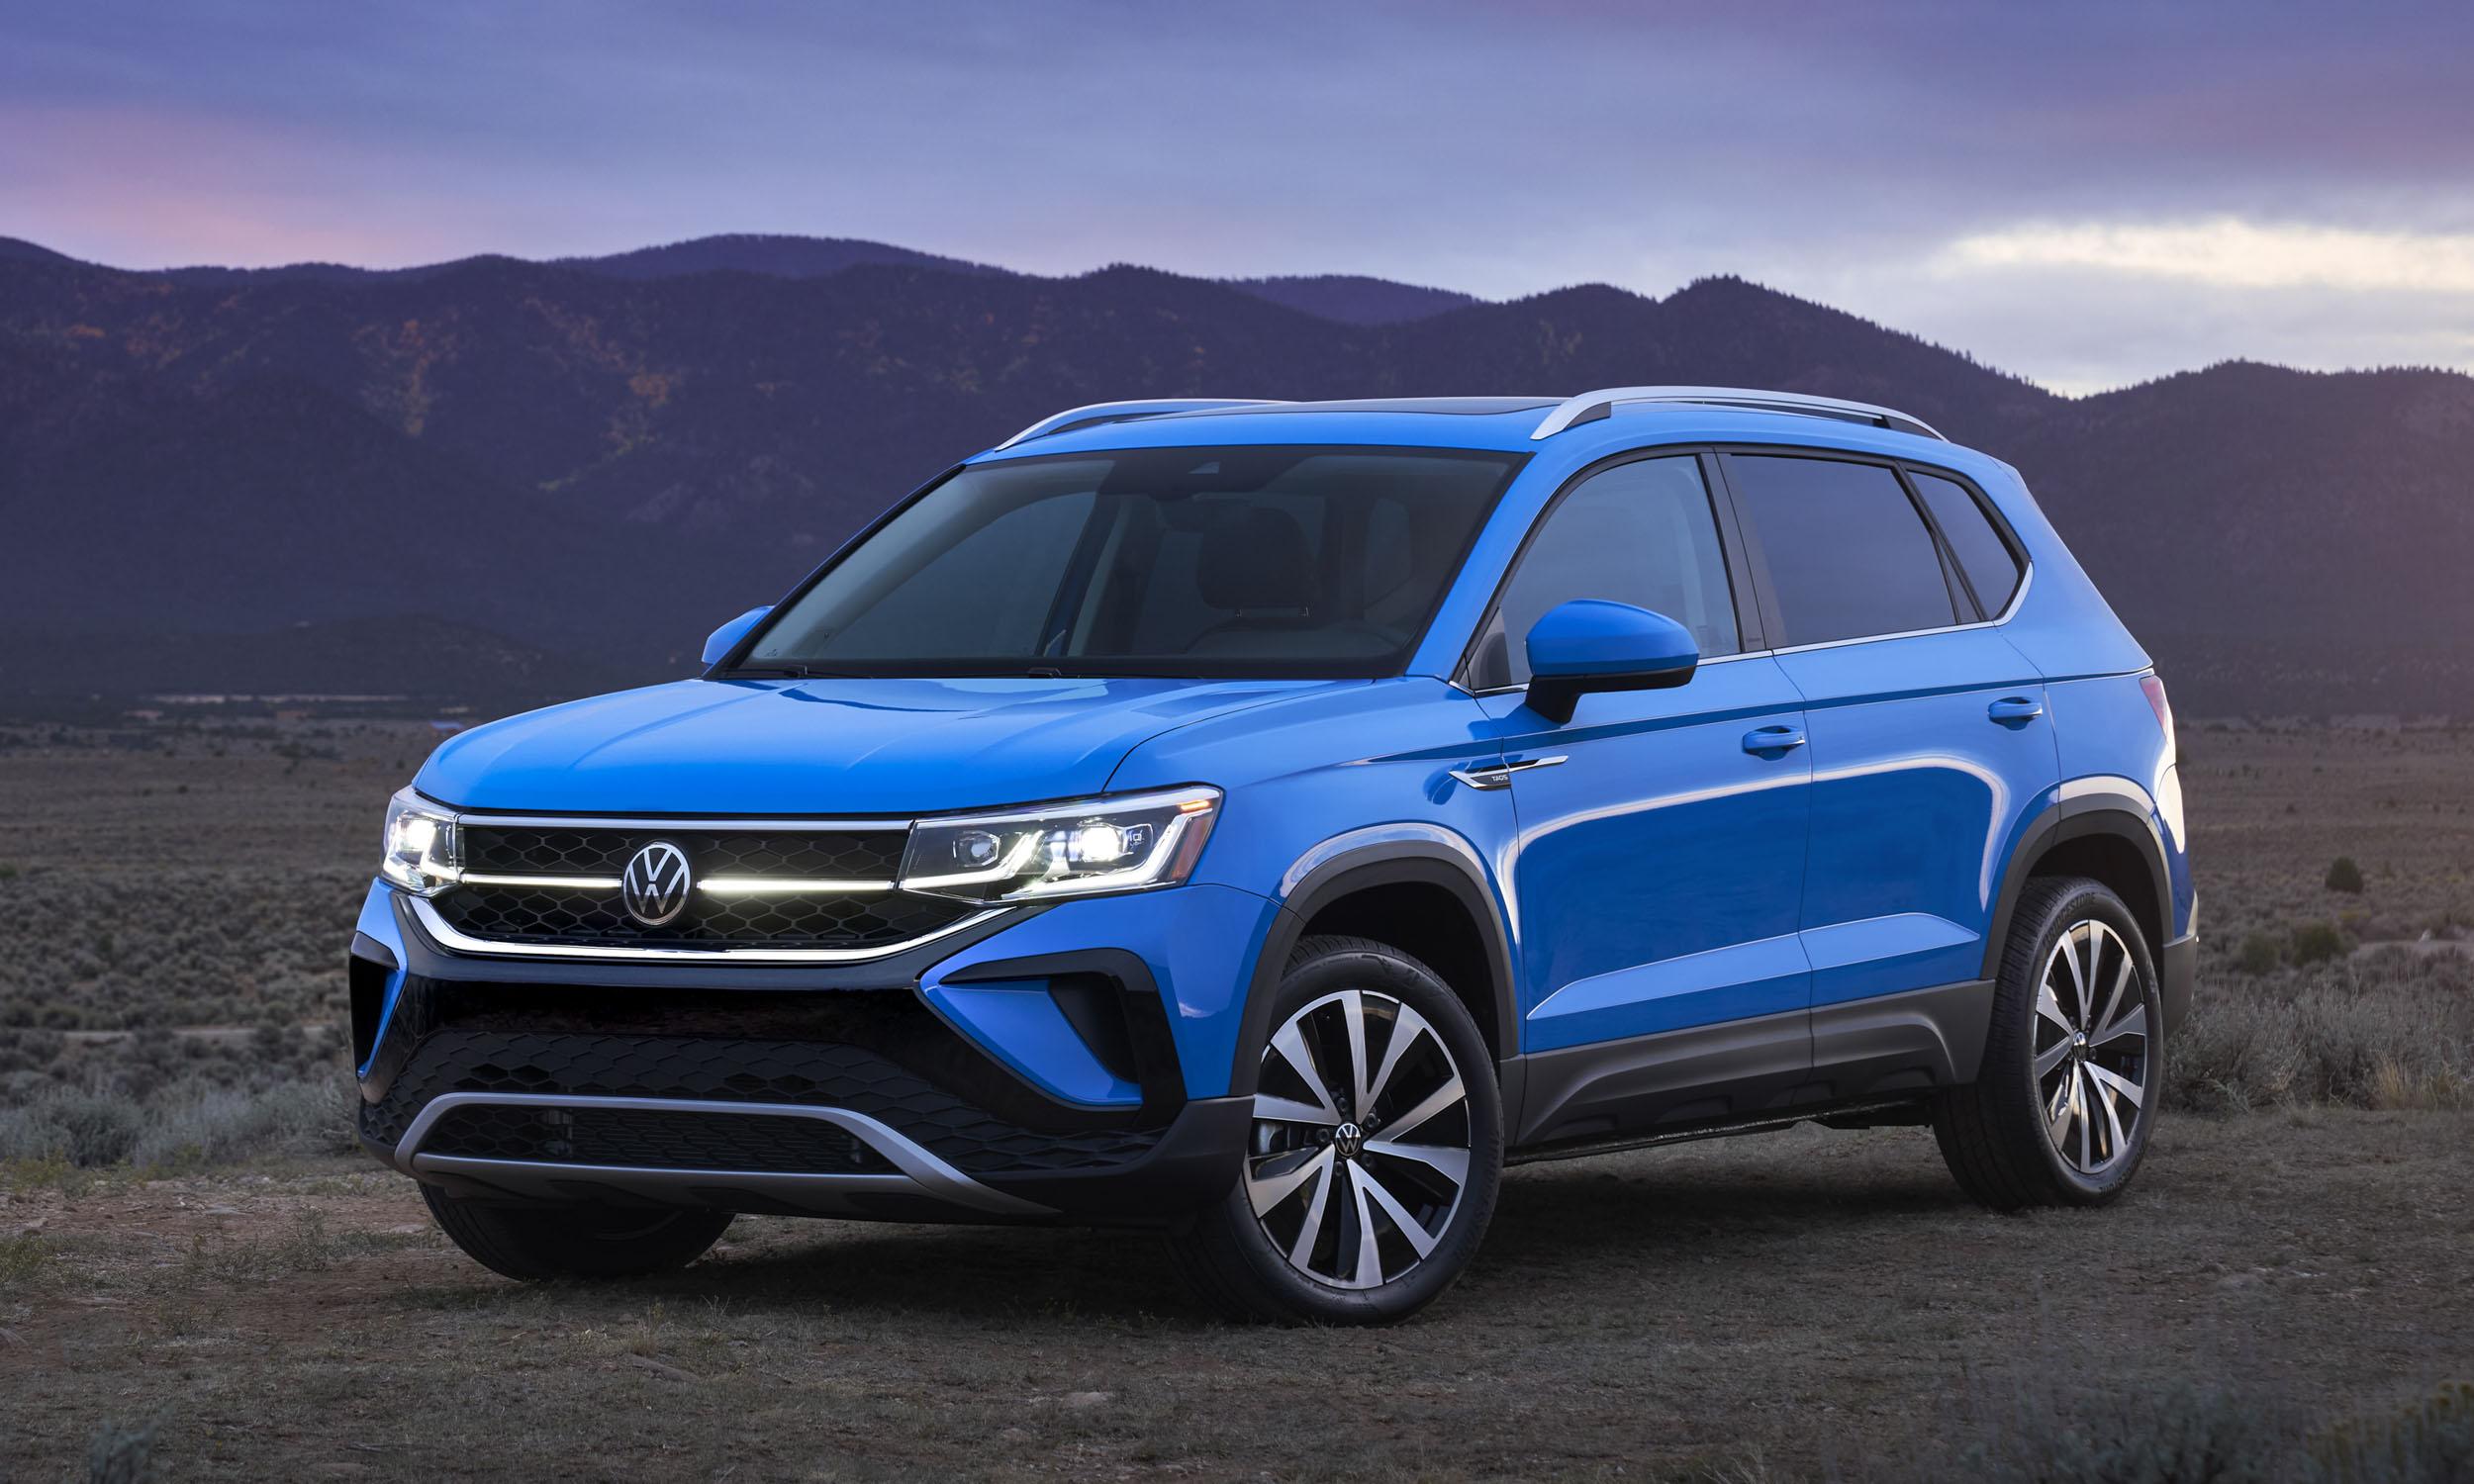 2022 Volkswagen Taos First Looknbsp